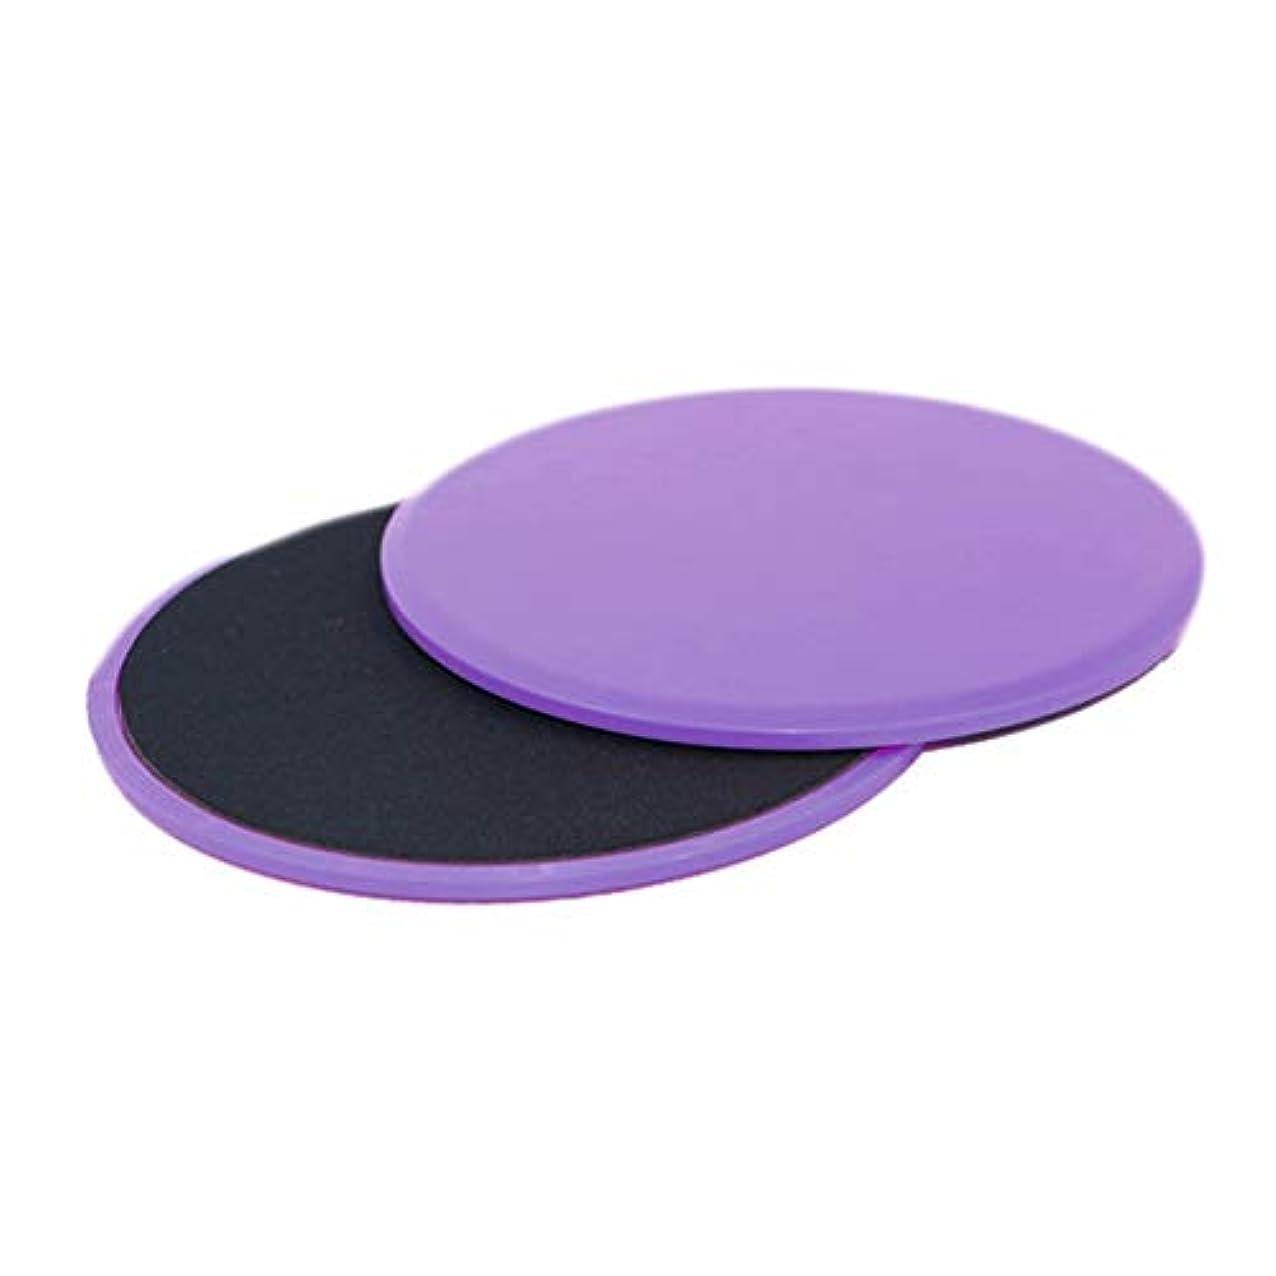 関係する命令的ピザフィットネススライドグライディングディスク調整能力フィットネスエクササイズスライダーコアトレーニング腹部と全身トレーニング - パープル